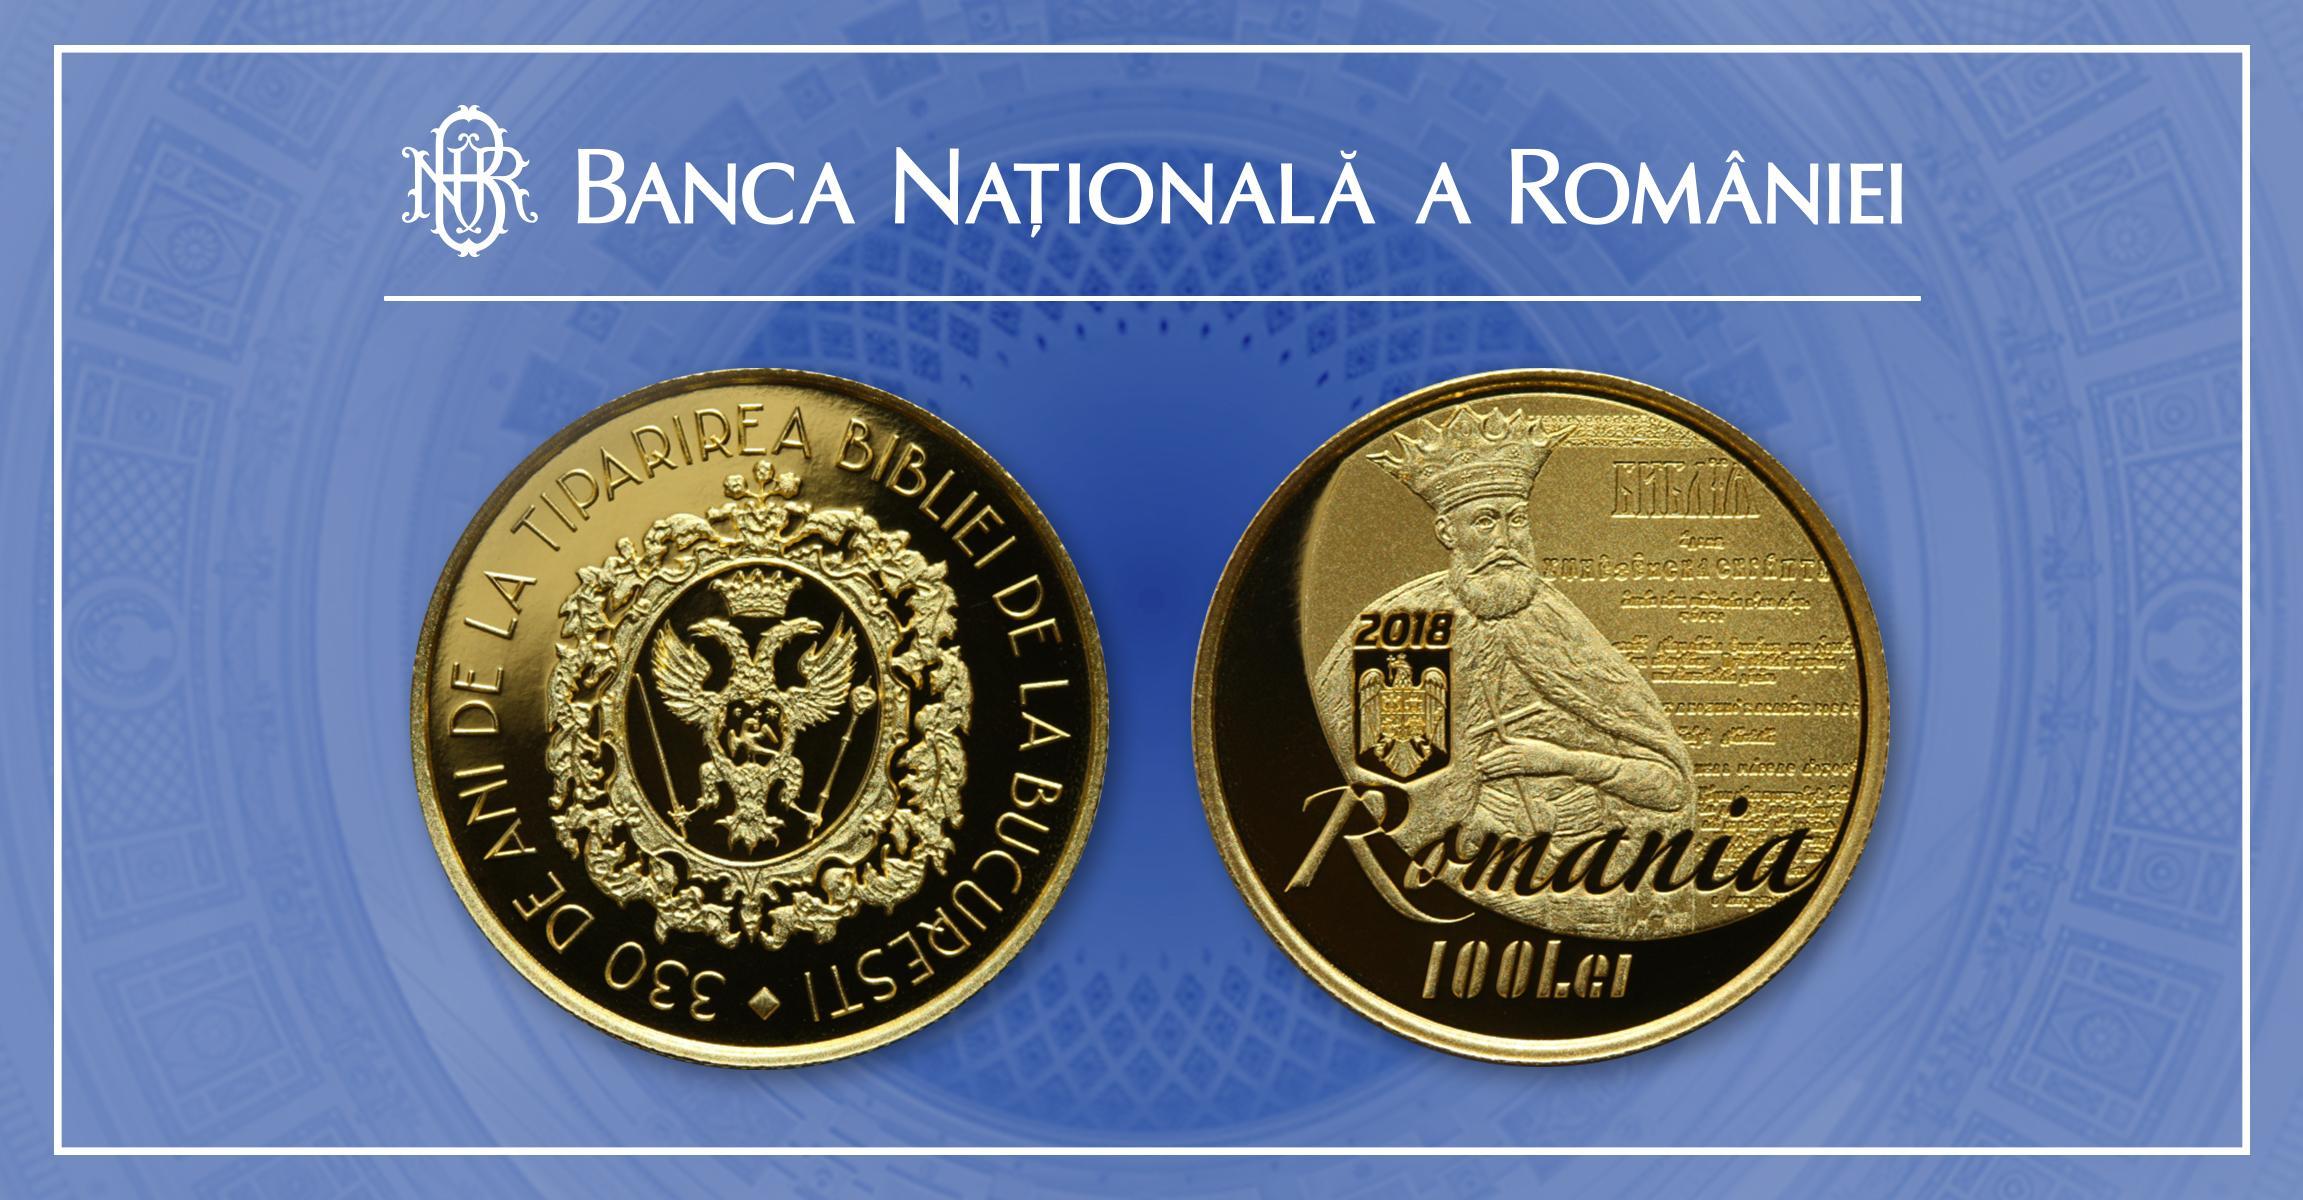 BNR a pus astăzi în vânzare o moneda de aur dedicată împlinirii a 330 de ani de la tiparirea Bibliei de la București